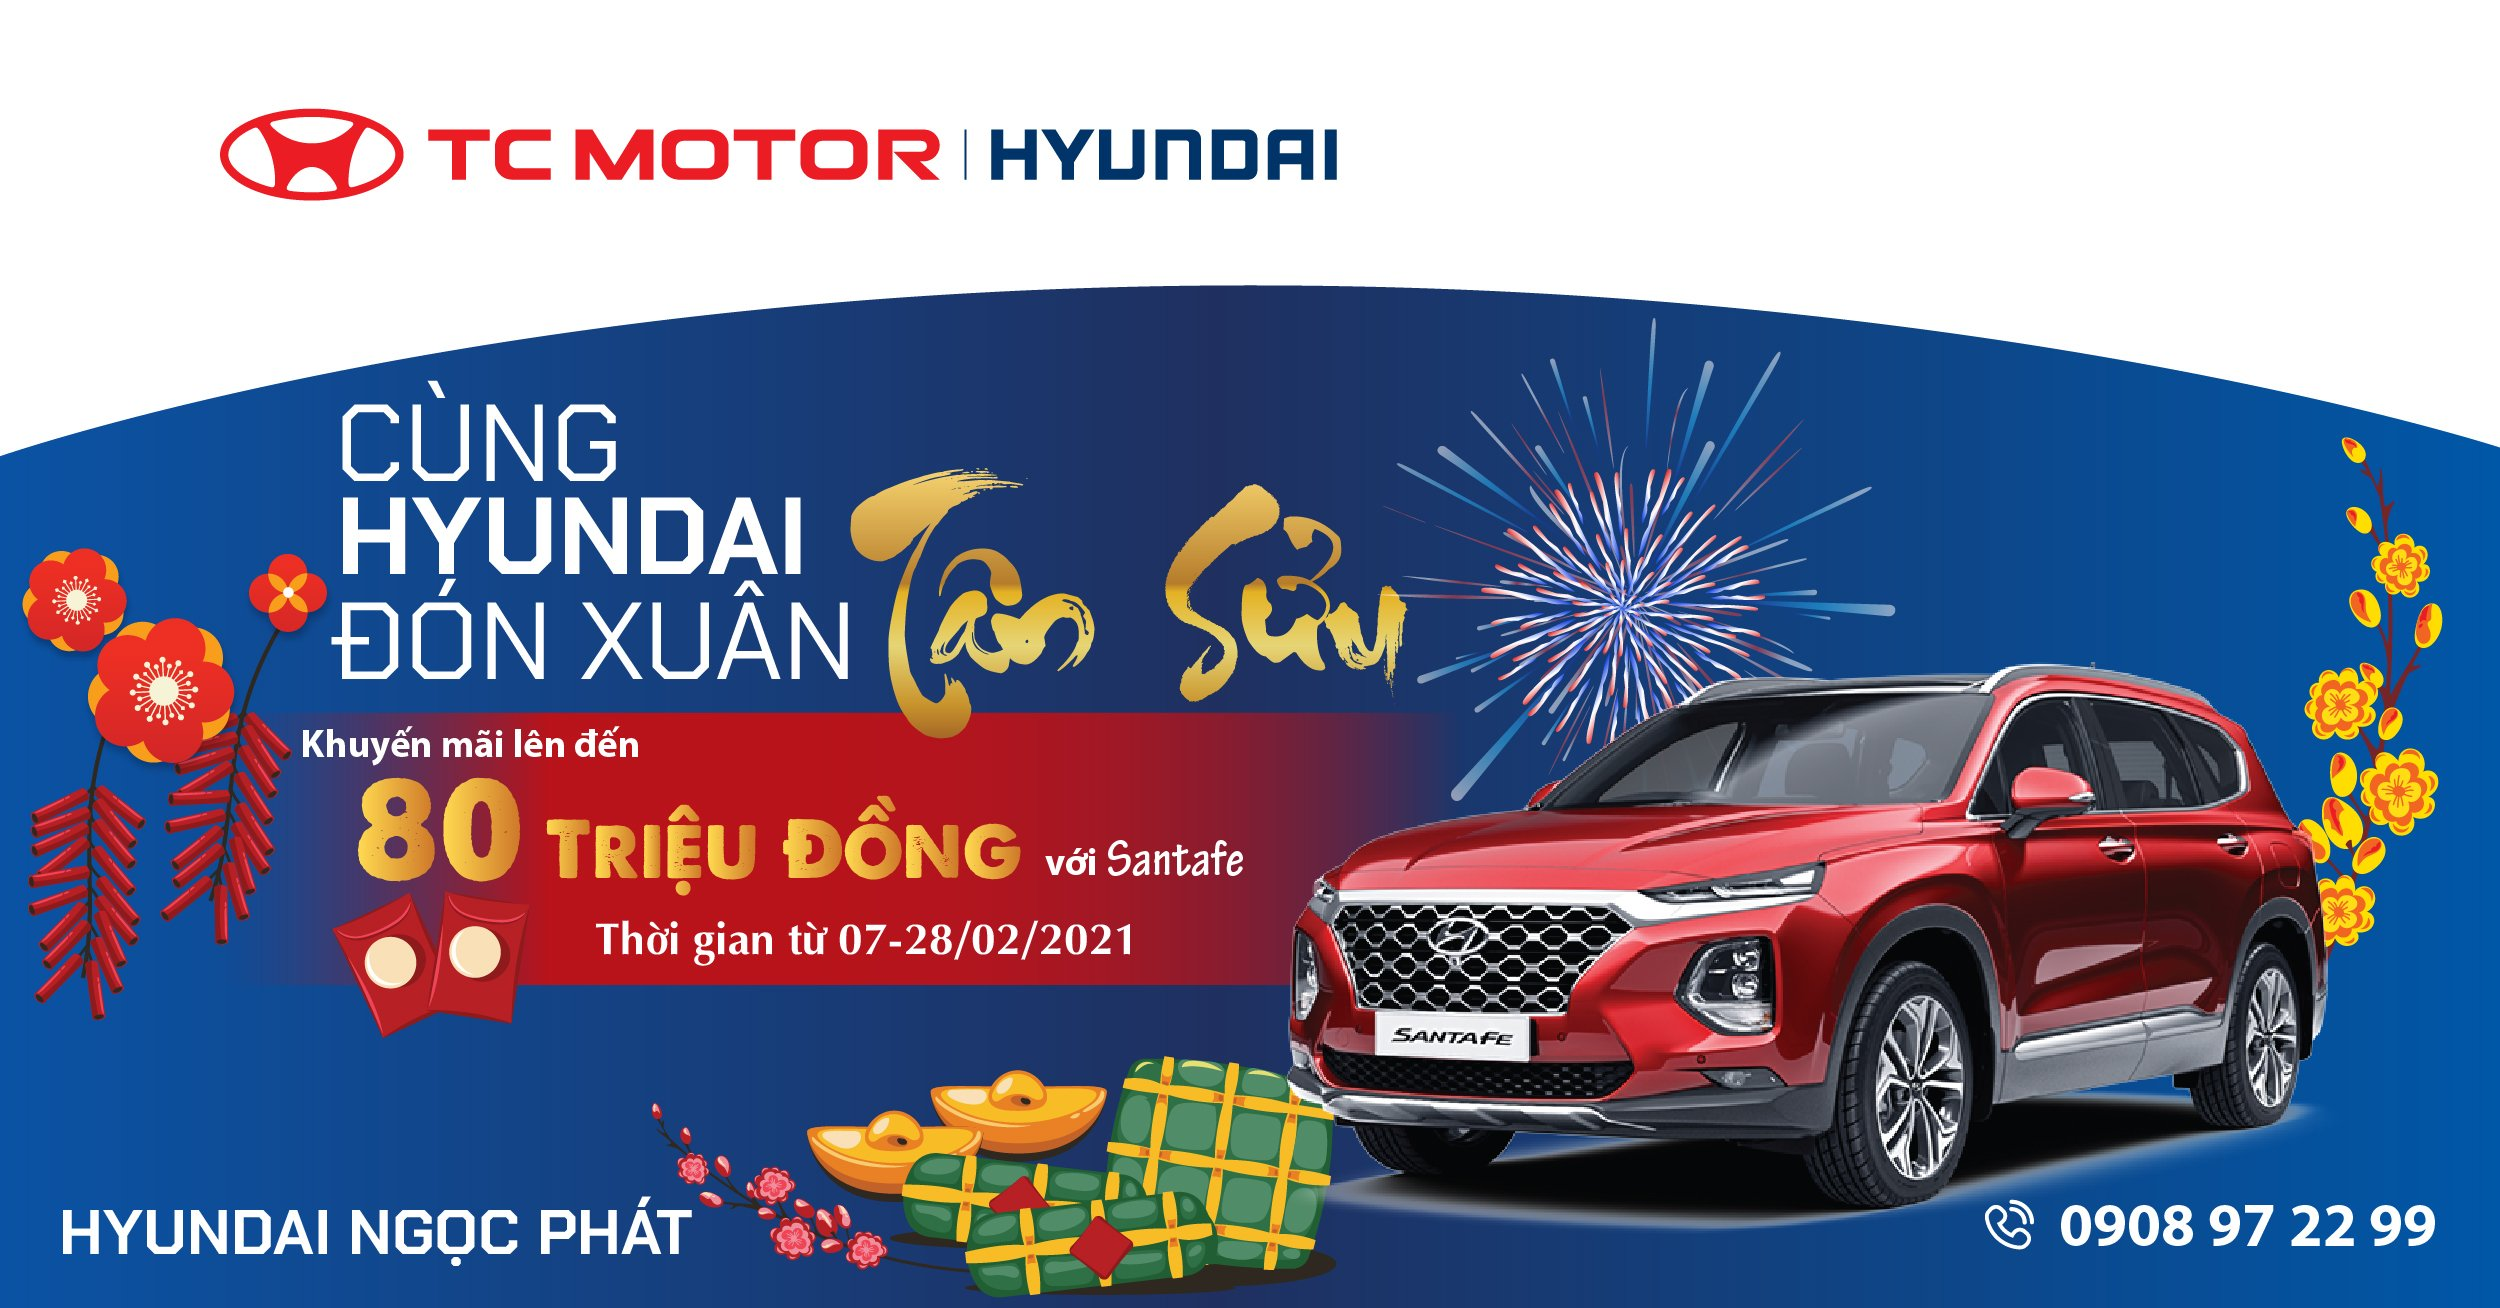 Khuyến mãi cùng Hyundai đón Xuân Tân Sửu